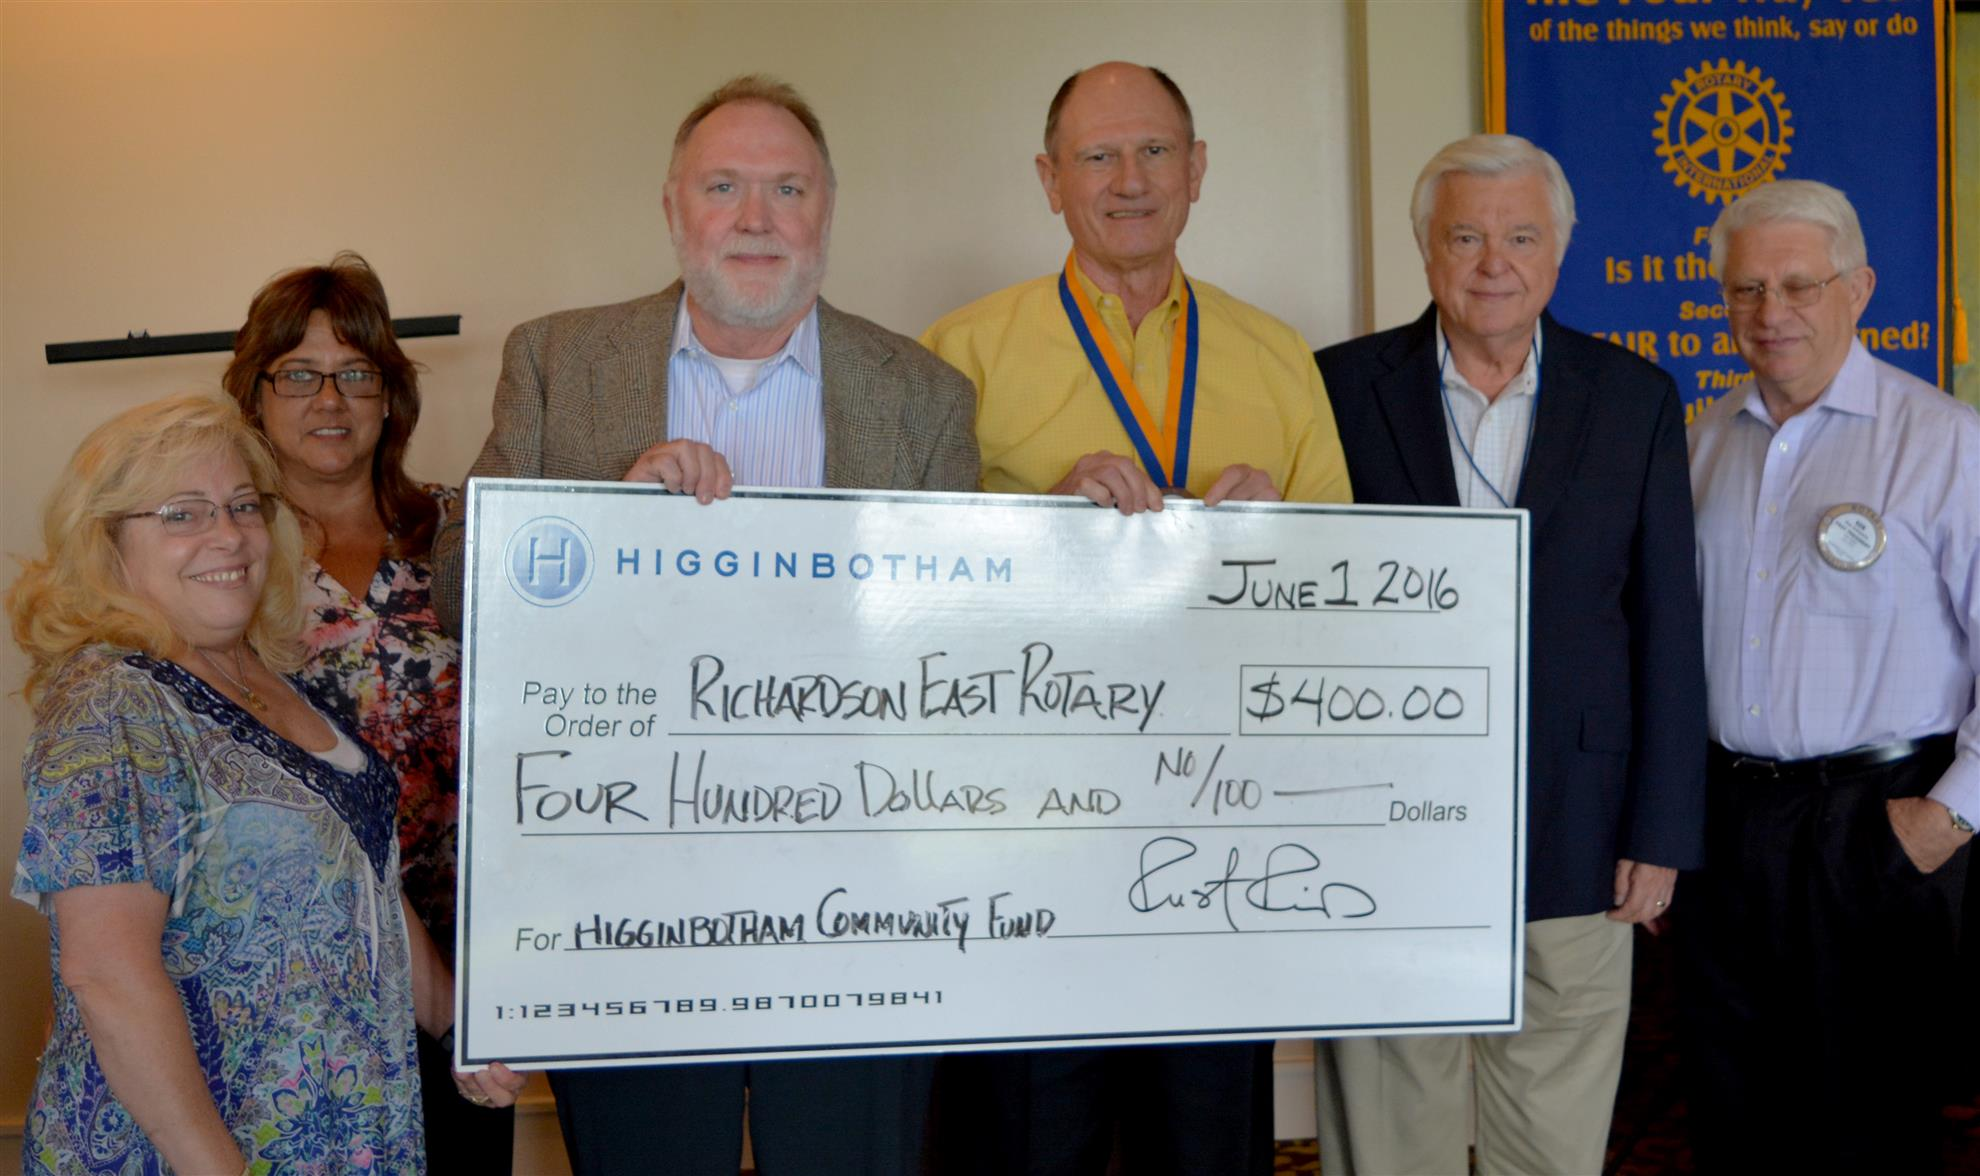 Higginbotham Community Fund Representatives